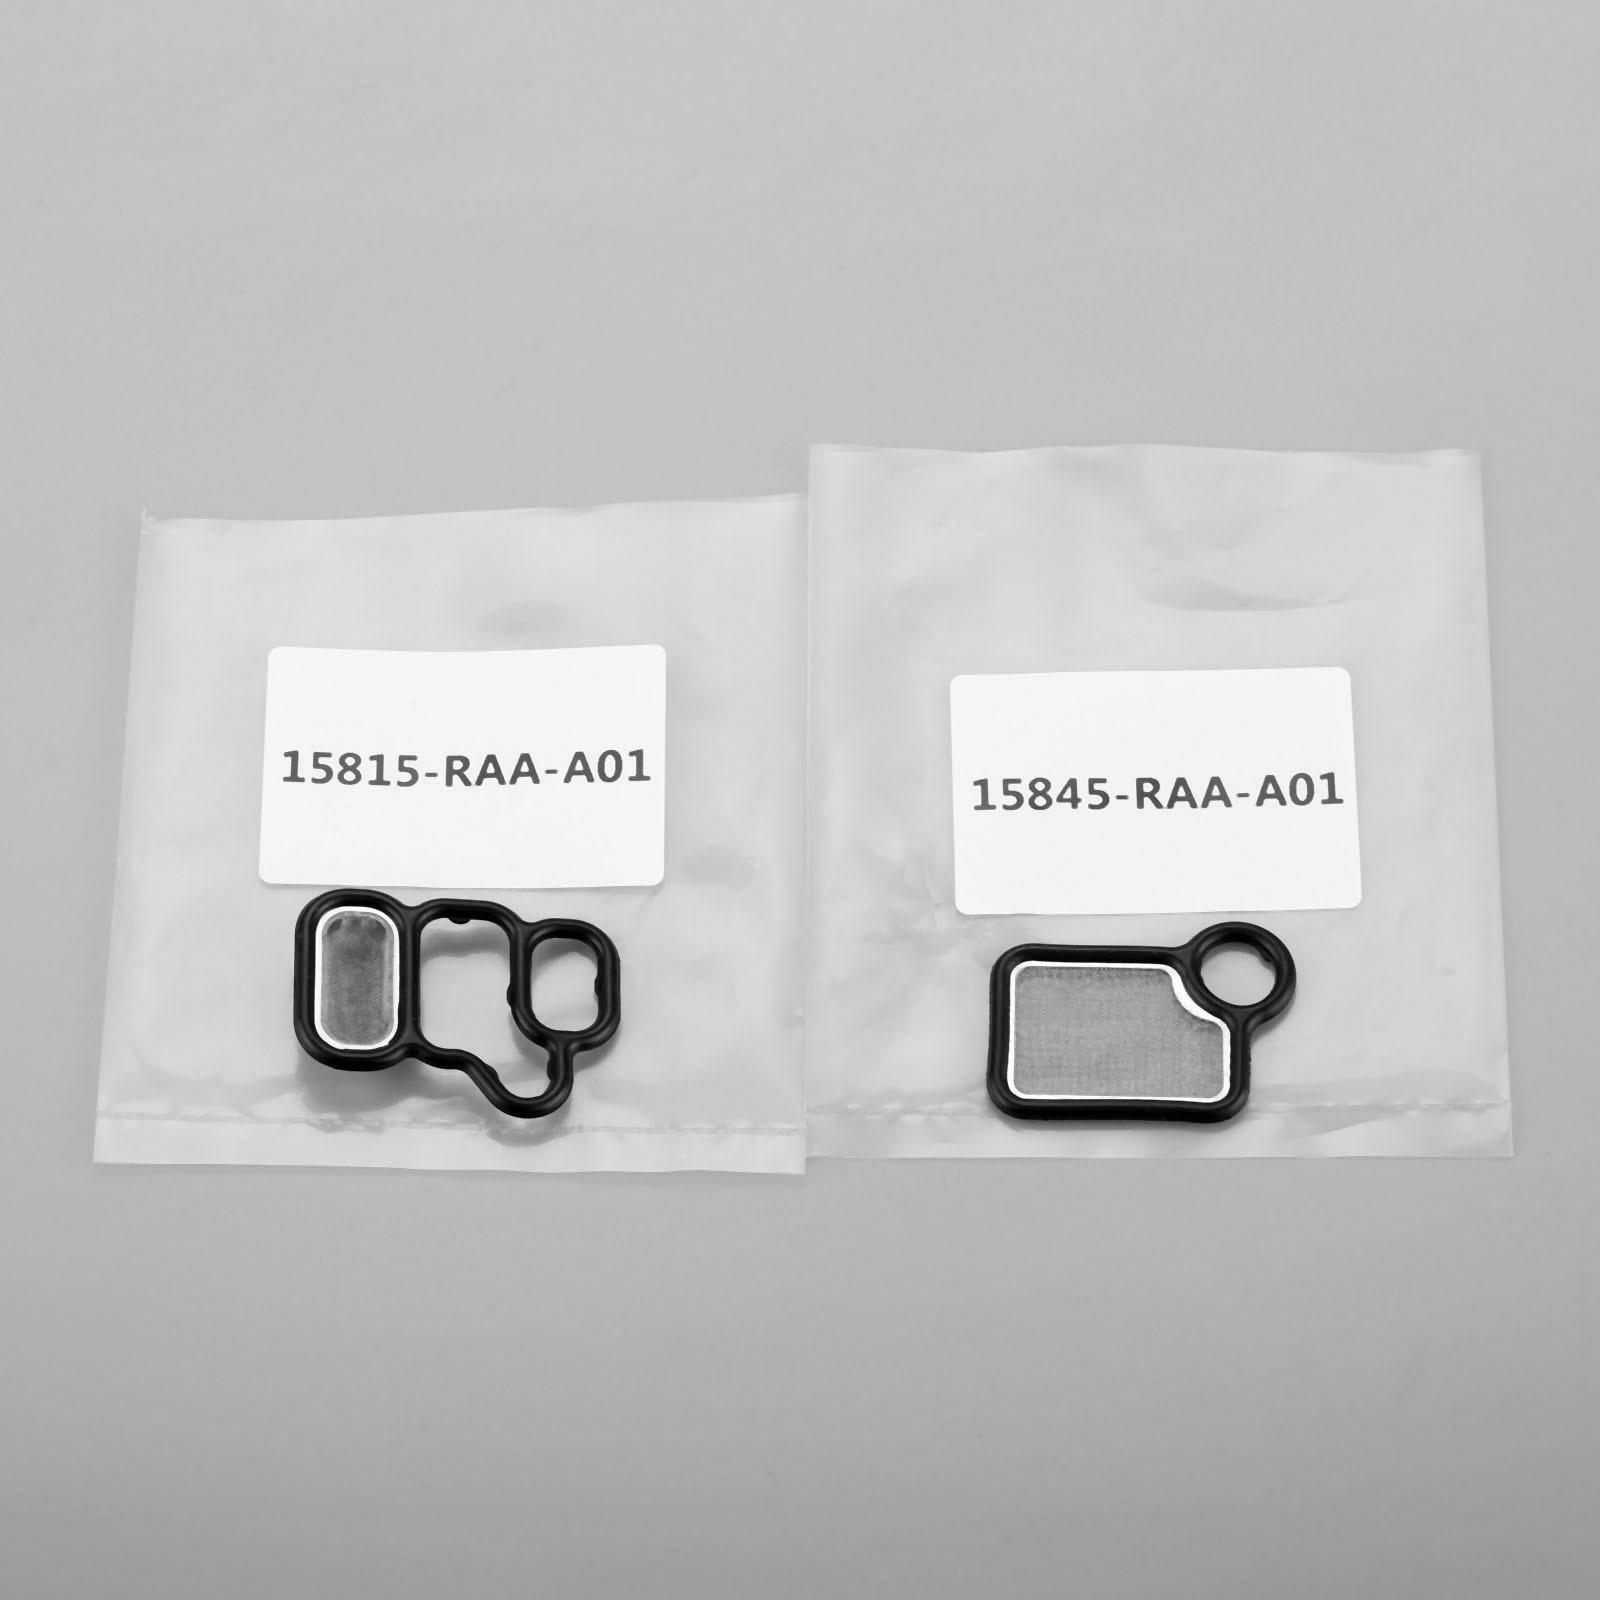 Прокладка электромагнитного клапана VTEC и VTC фильтр 15815 RAA A01 15845 подходит для Honda